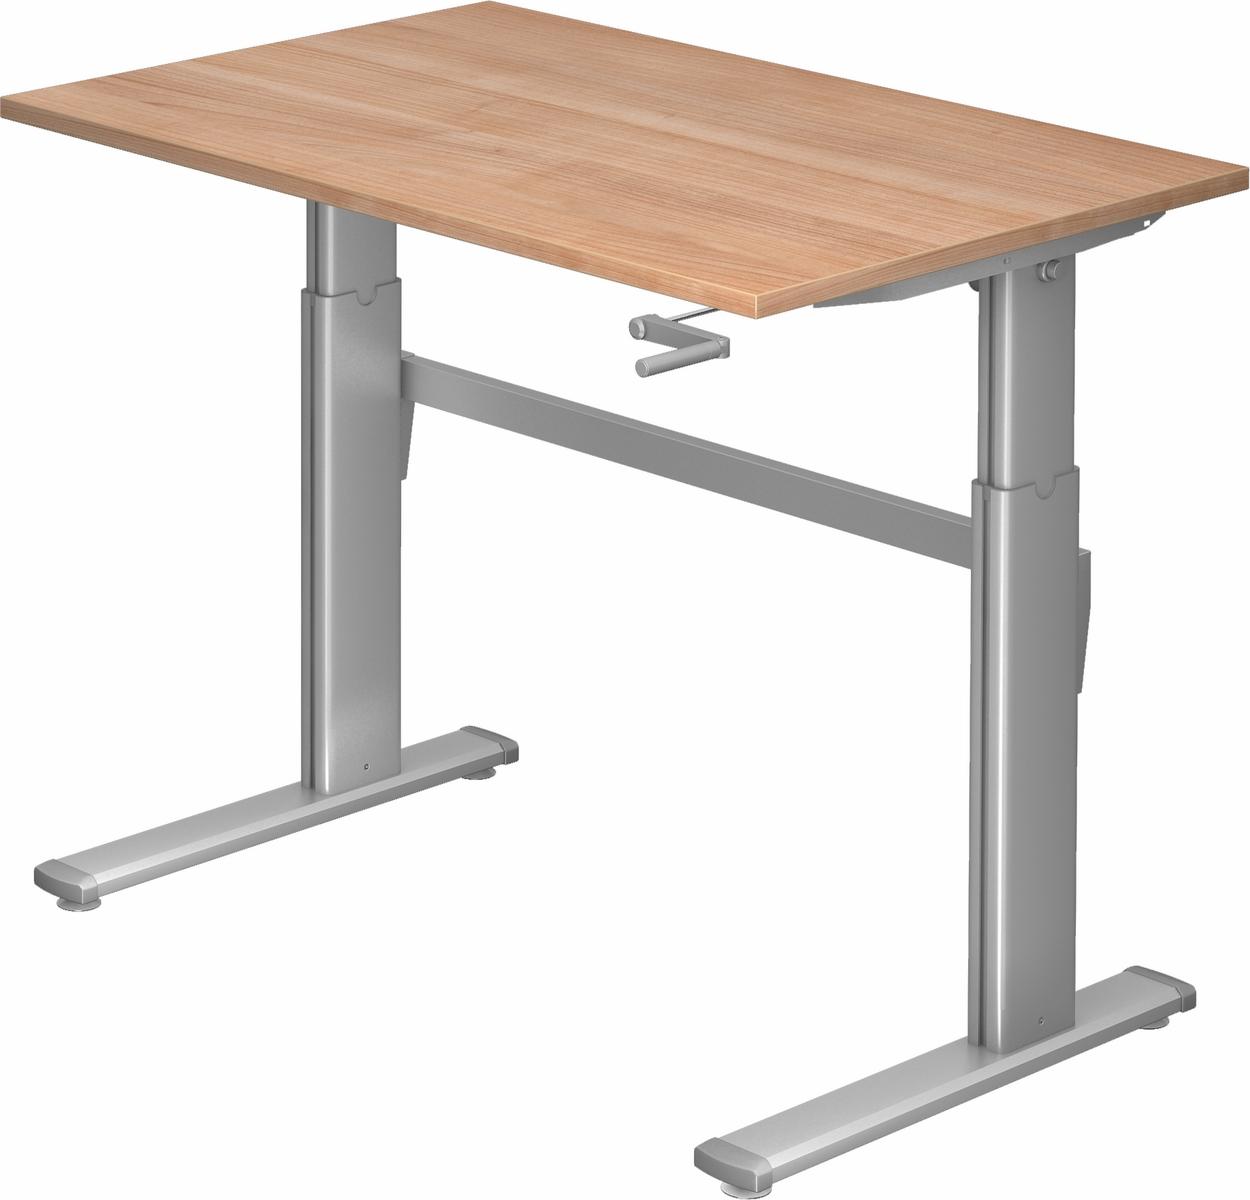 stehschreibtisch sitz steh schreibtisch b rotisch ergonomisch b rotisch b m xk ebay. Black Bedroom Furniture Sets. Home Design Ideas